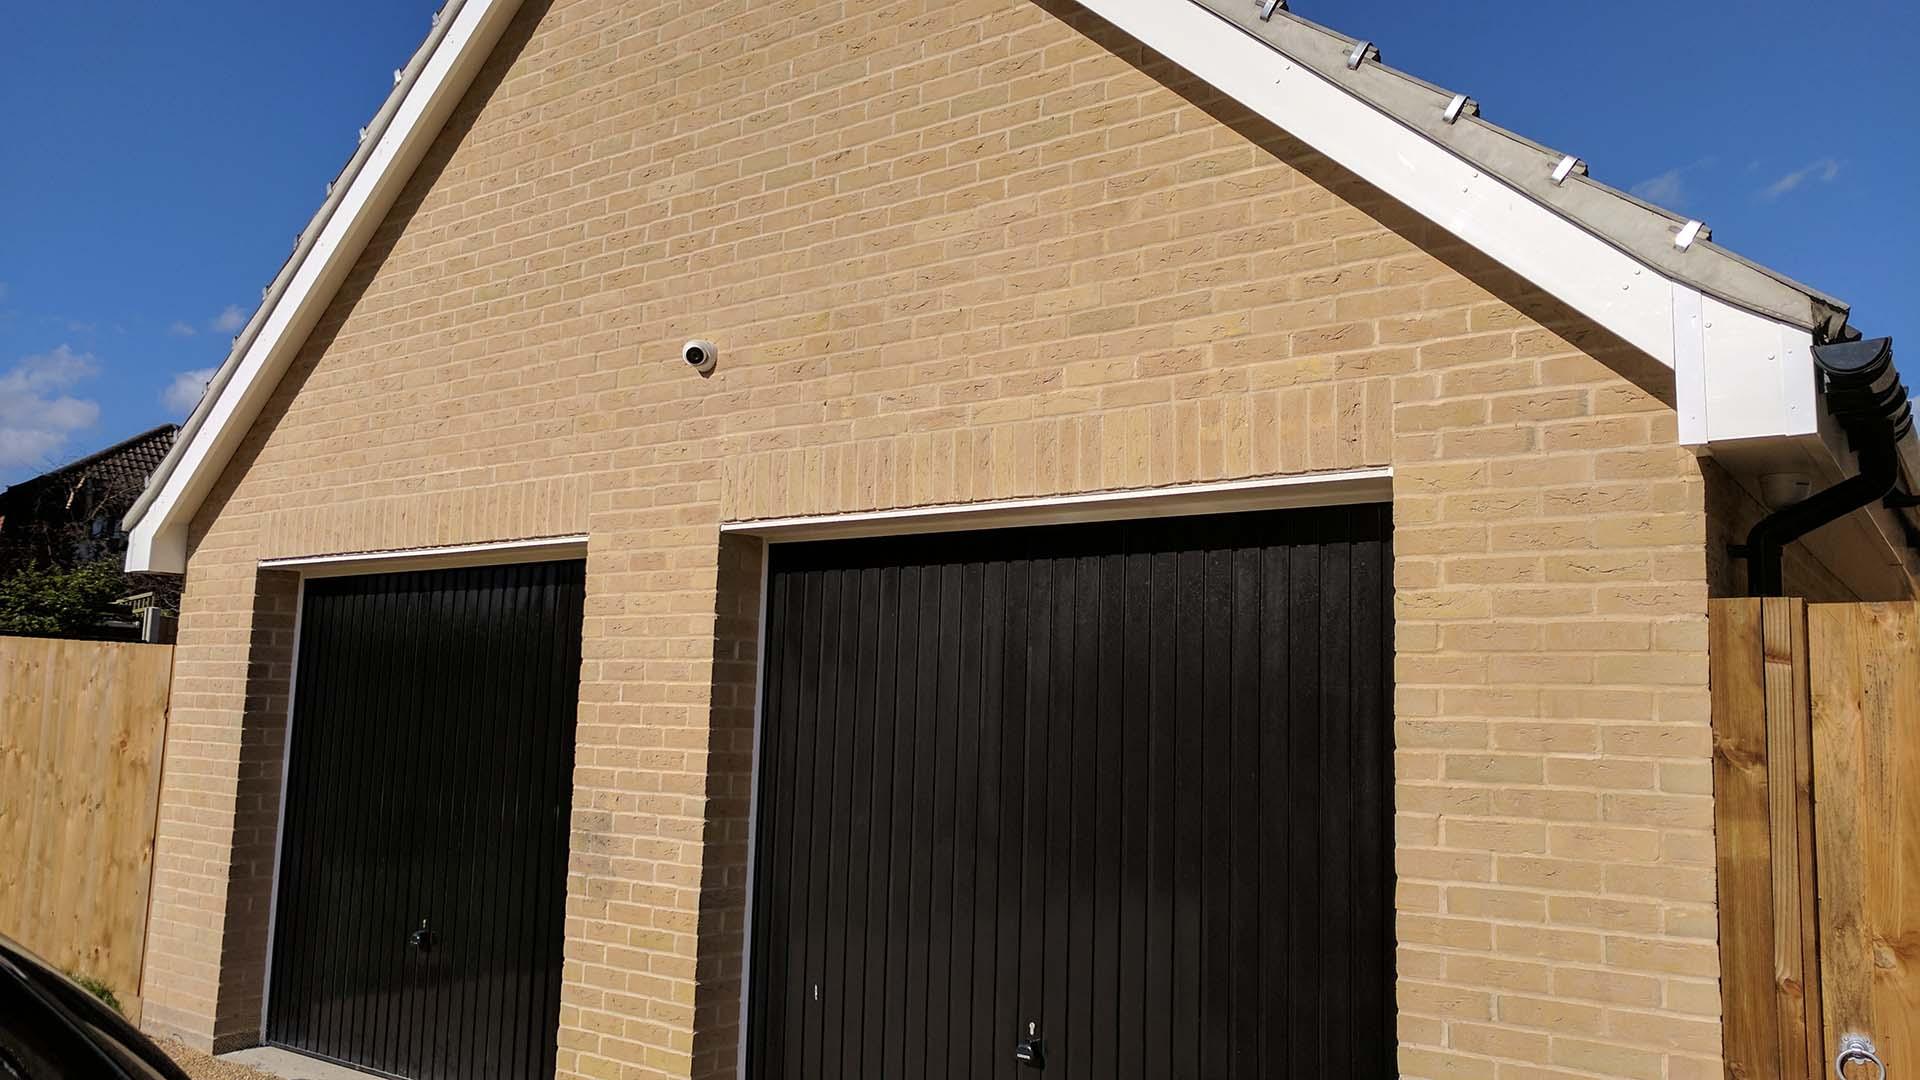 CCTV Installation in Brightlingsea